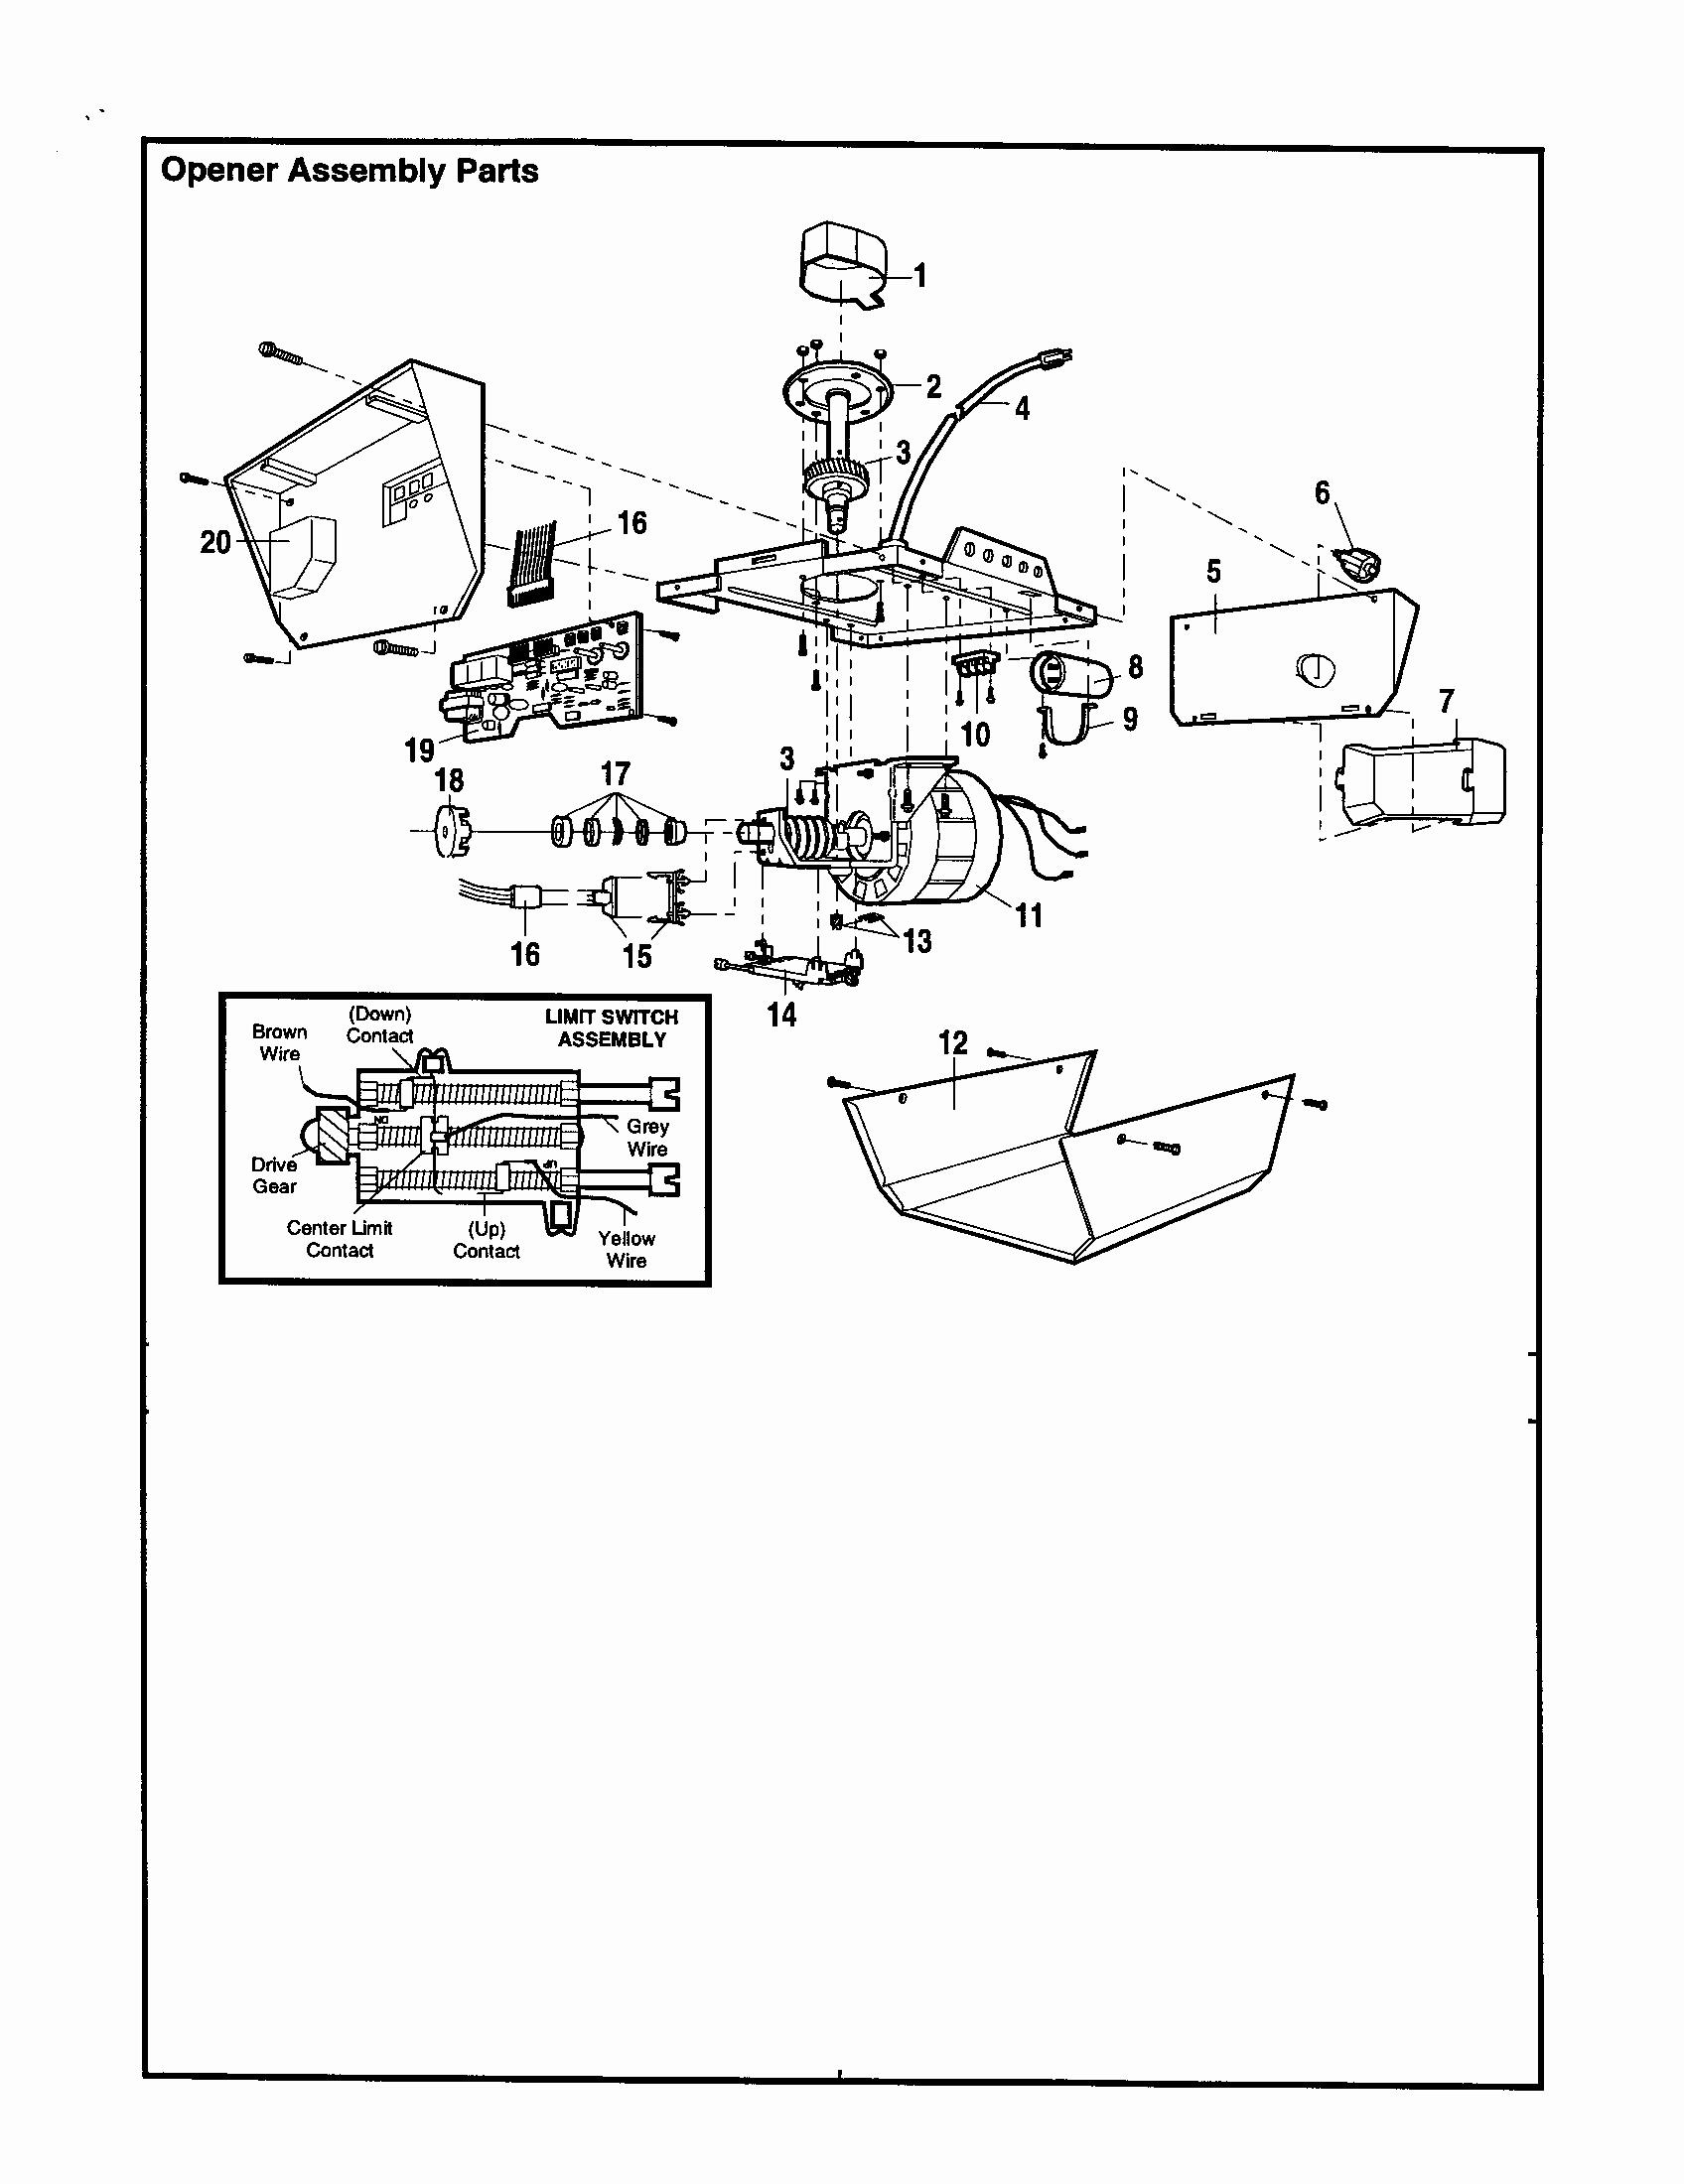 Genie Garage Door Opener Parts Diagram Inspirational 48 Genie Garage - Genie Garage Door Opener Wiring Diagram